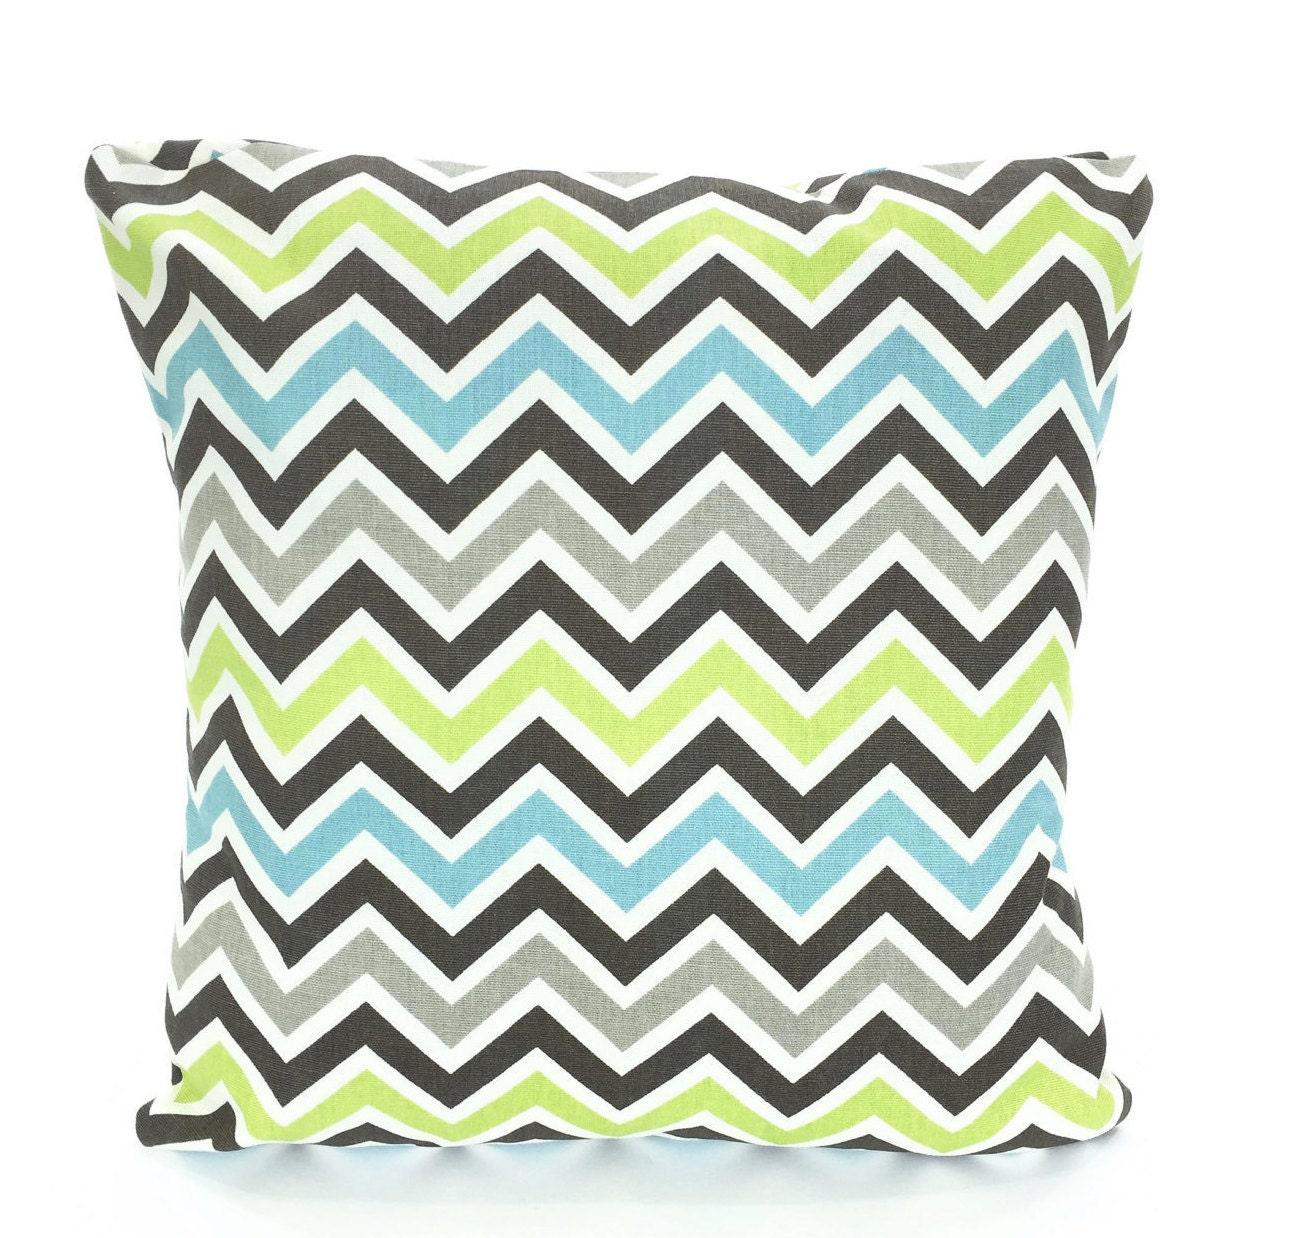 Blue Gray Green Chevron Pillows Throw Pillow Cushion Covers